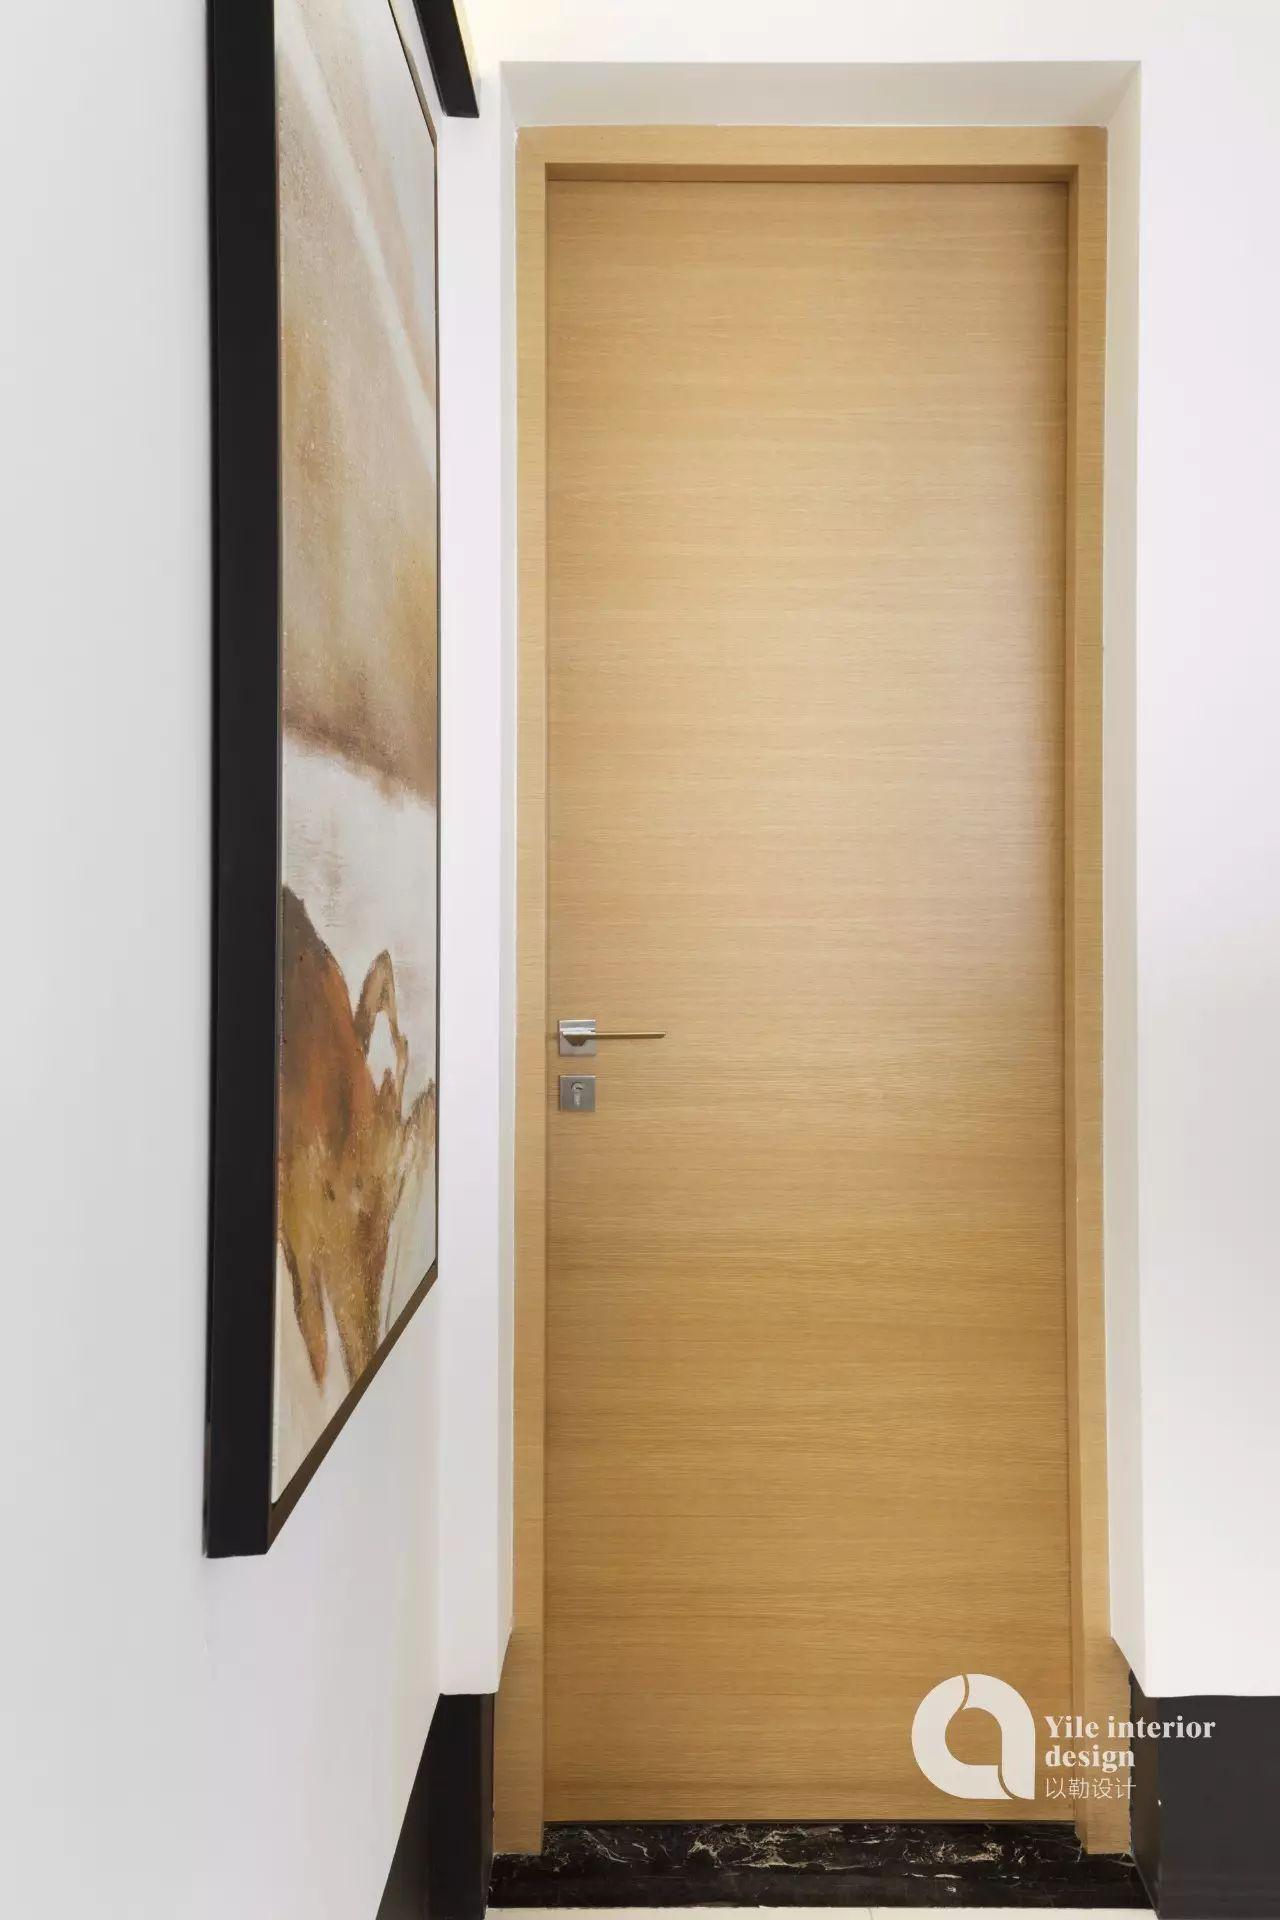 110㎡现代简约装修木门设计